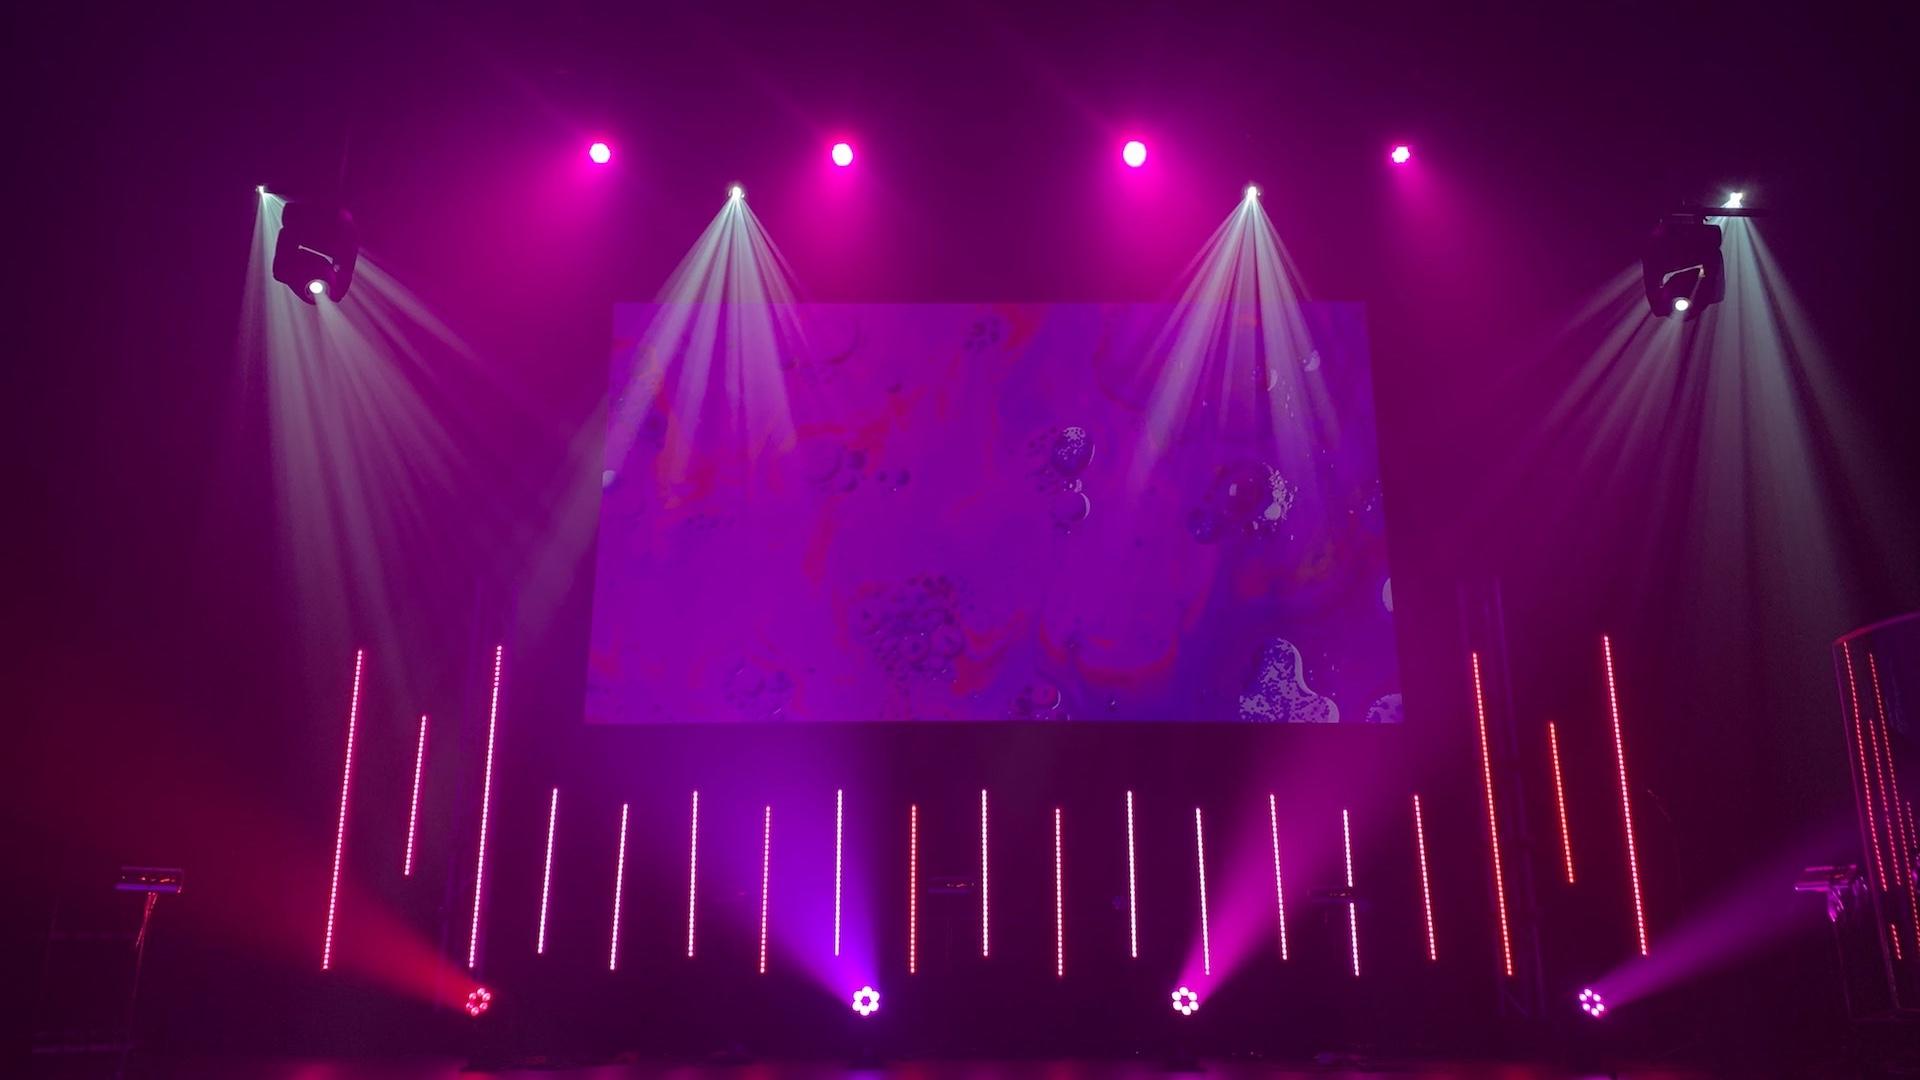 紫のライトのステージの無料バーチャル背景素材